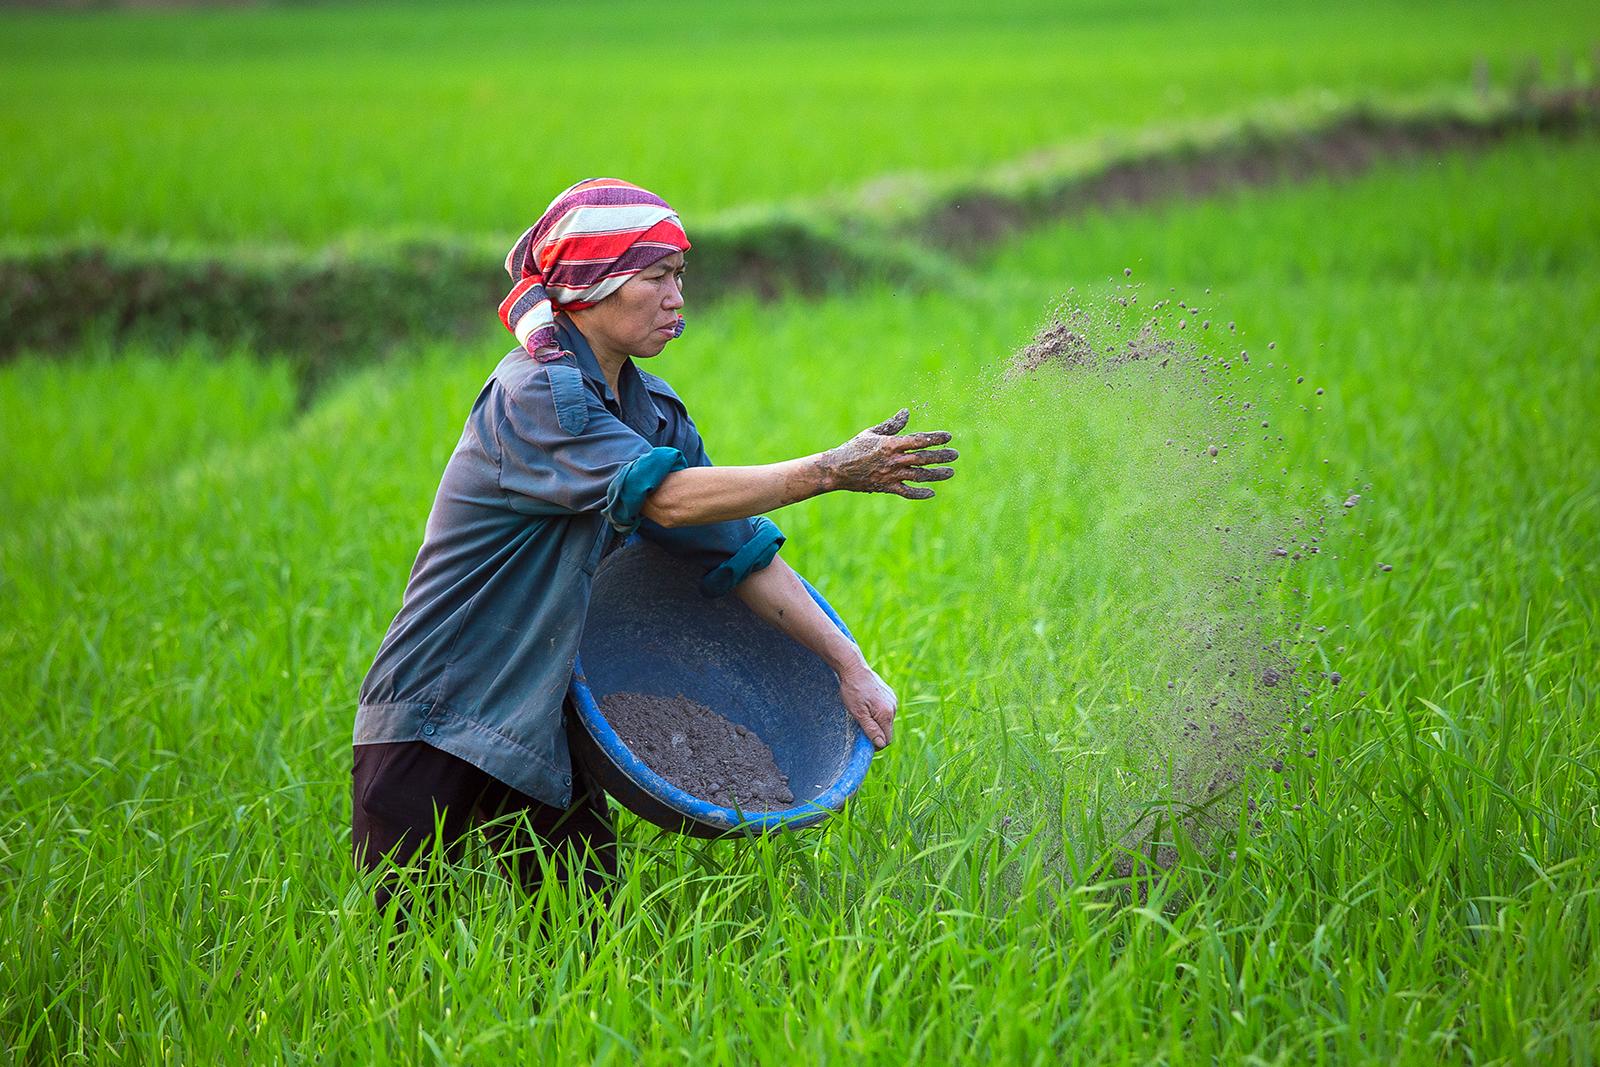 Rural life | Author Георги Георгиев - zeromx | PHOTO FORUM